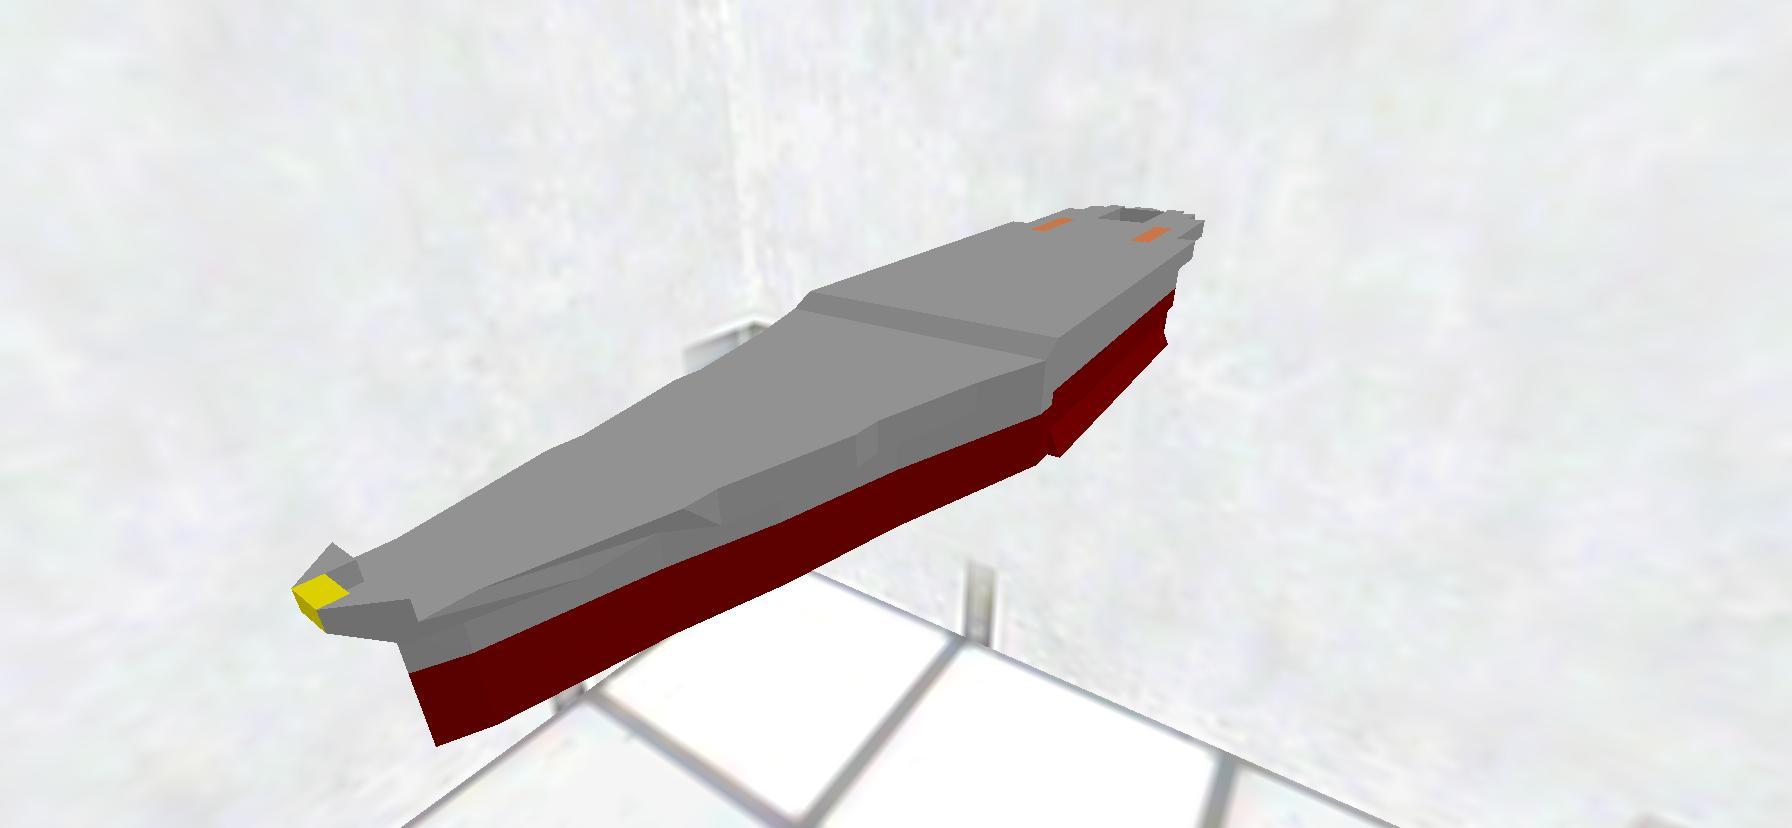 航空戦艦作ってくれ